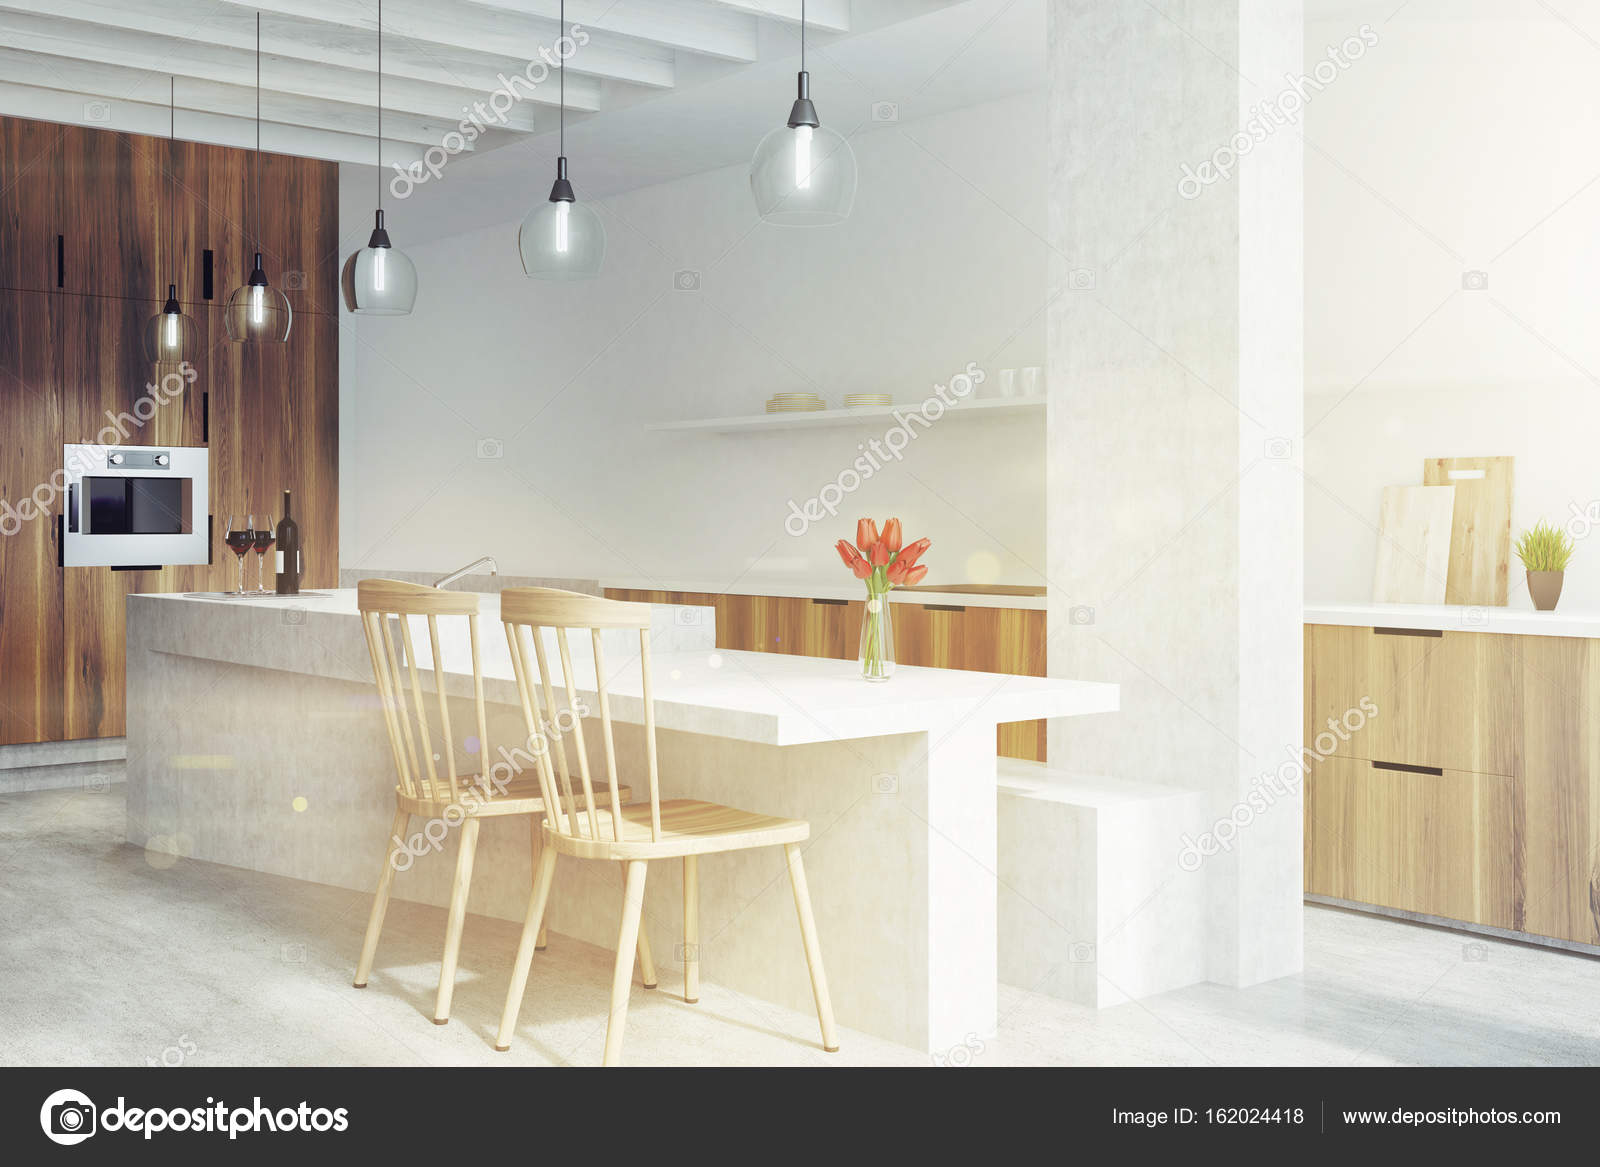 Bar En Marbre Dans Une Cuisine Blanche Avec Armoires En Bois, Deux Chaises,  étagères Avec Lunettes Et Construit Dans Le Four. Maquettes 3D Rendu Image  ...